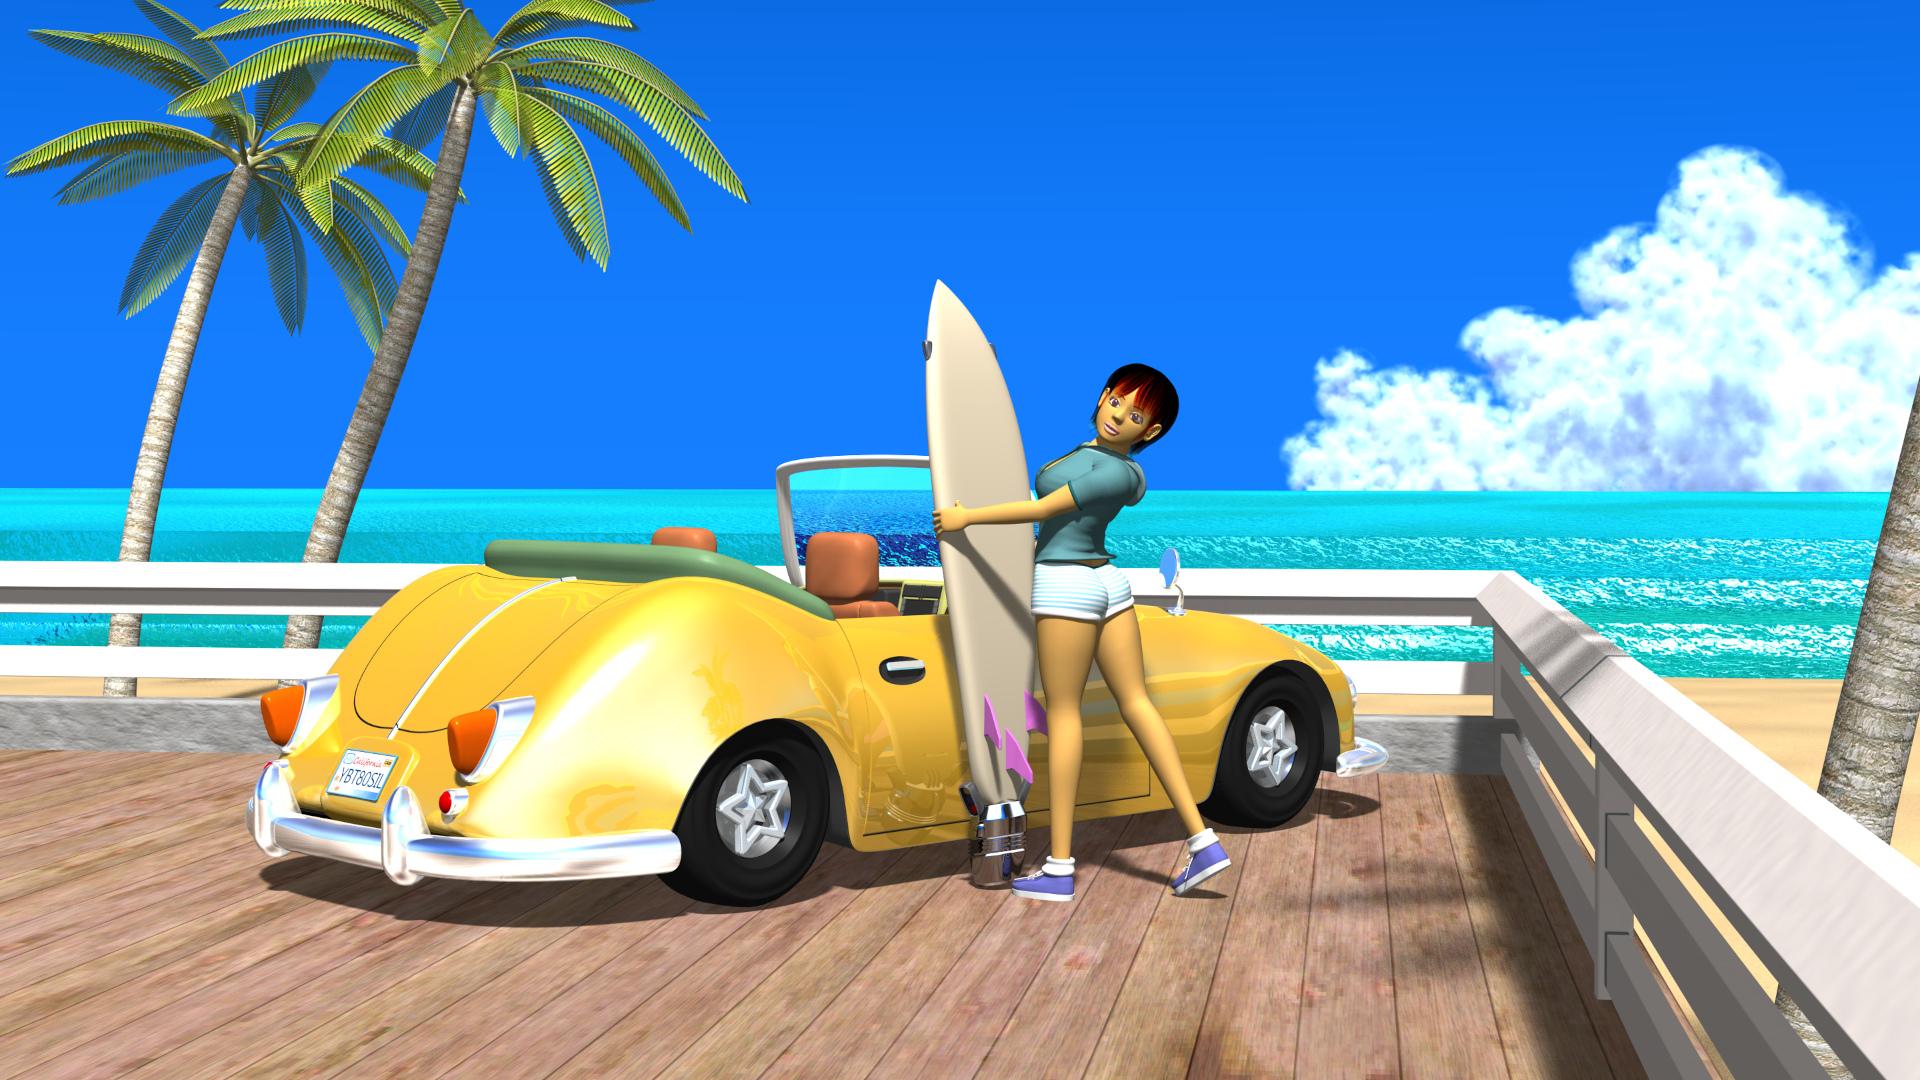 3DCG壁紙 3Dキャラクター夏のシティポップ風2s